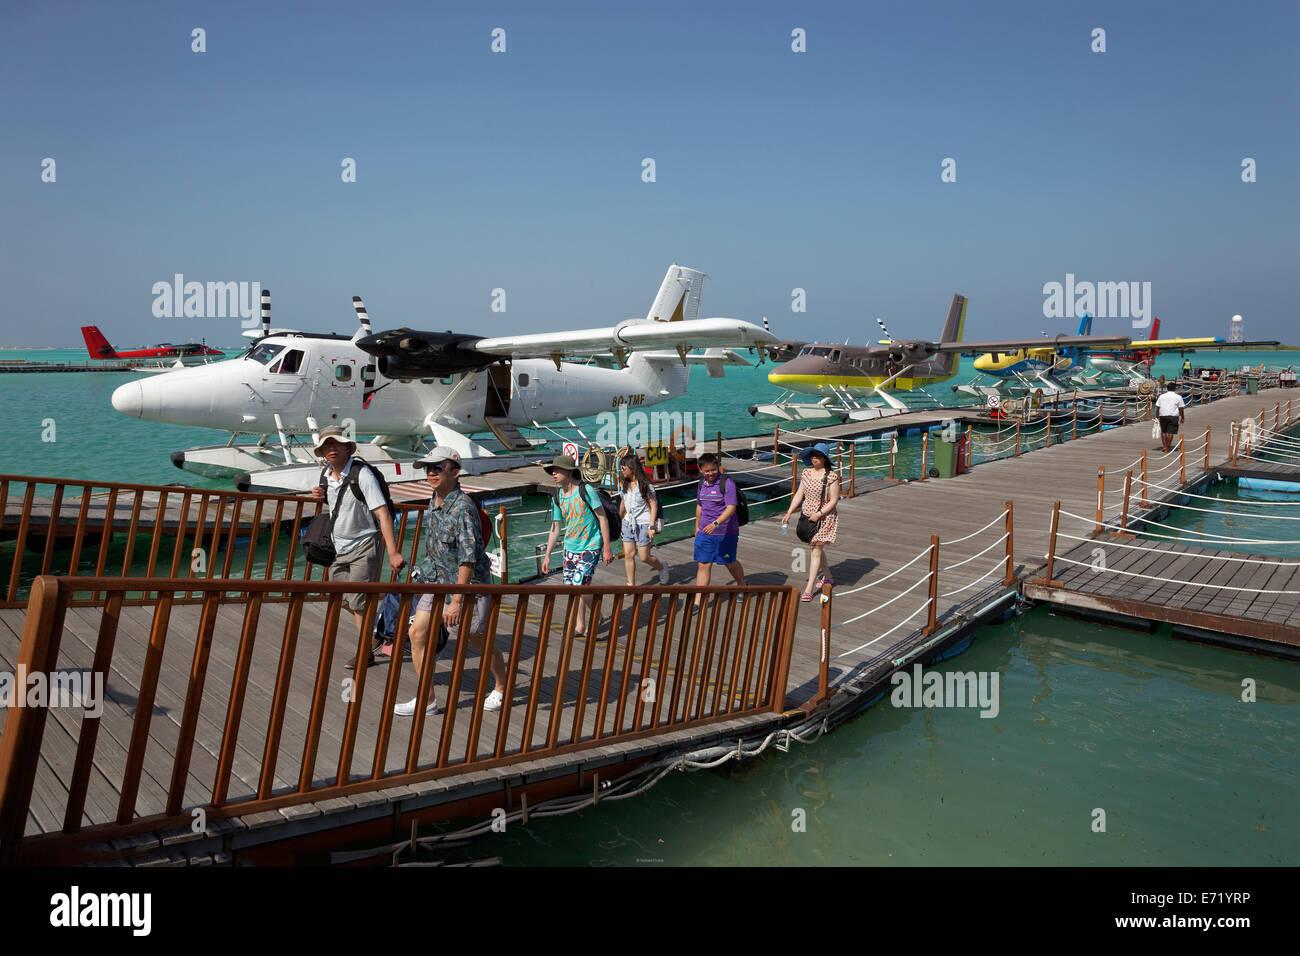 Les touristes quitter le ponton avec hydravion amarré, De Havilland Canada DHC-6 Twin Otter 300, l'aéroport Photo Stock